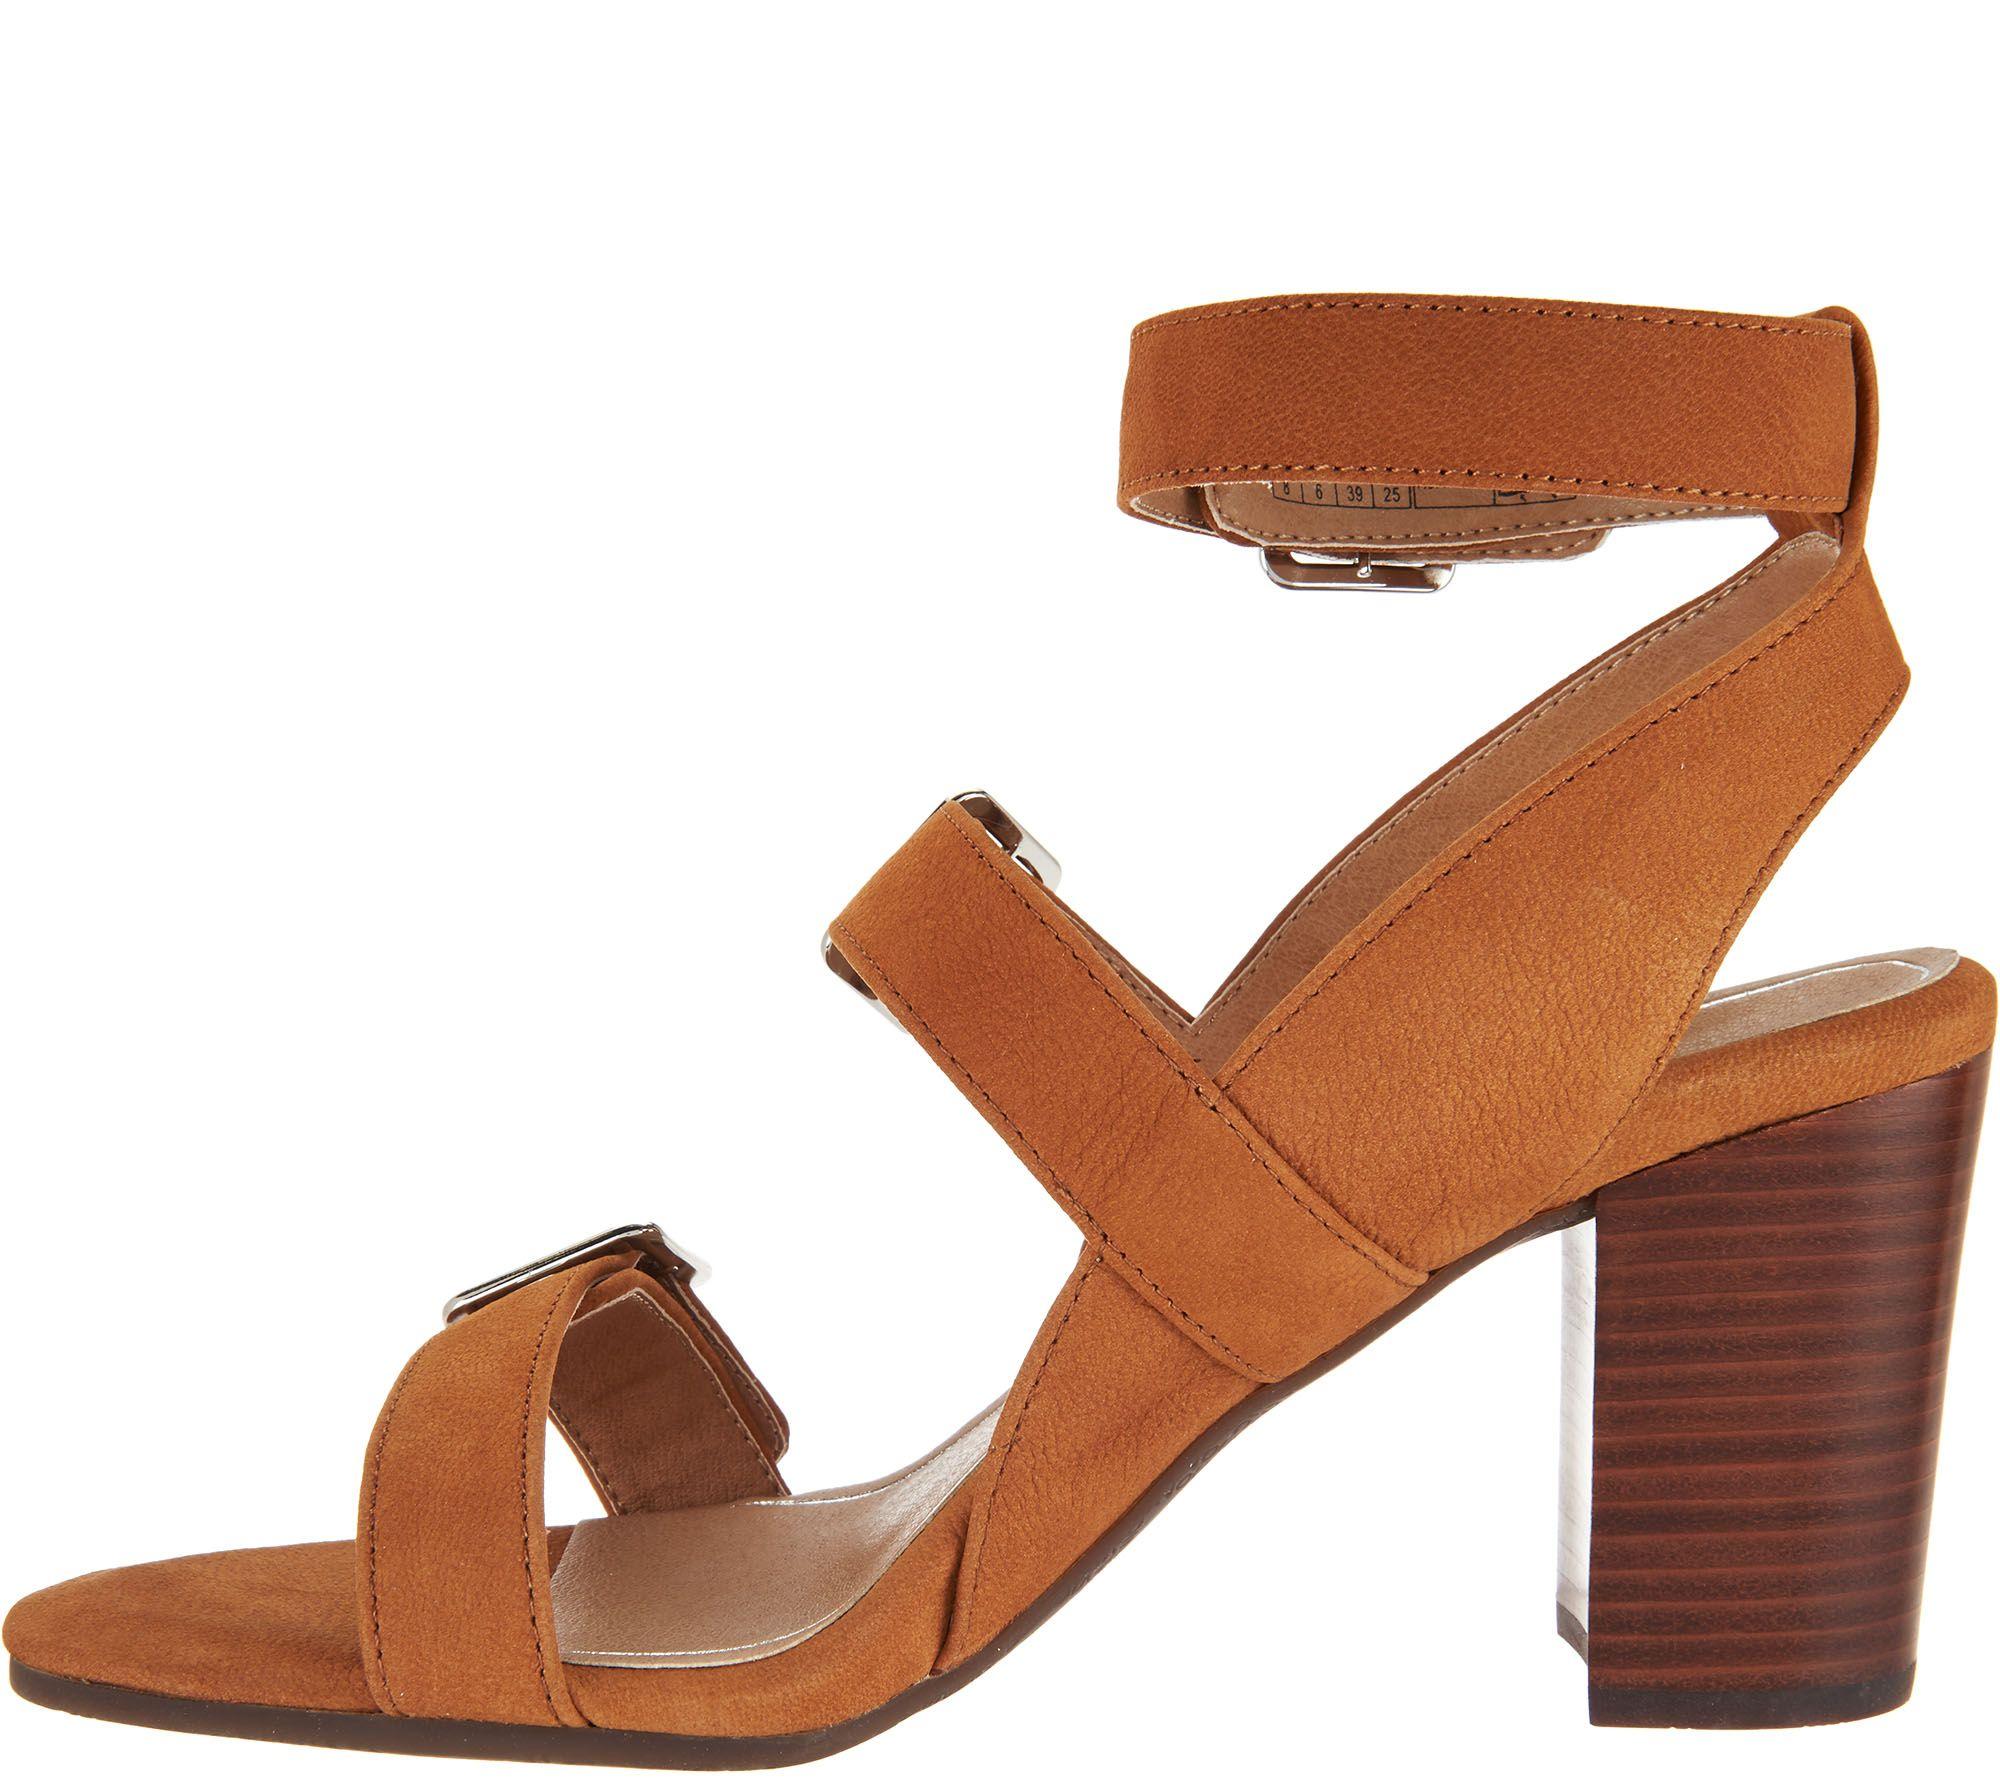 fa925c953a2a Vionic Orthotic Block-Heel Leather Sandals - Carmel - Page 1 — QVC.com